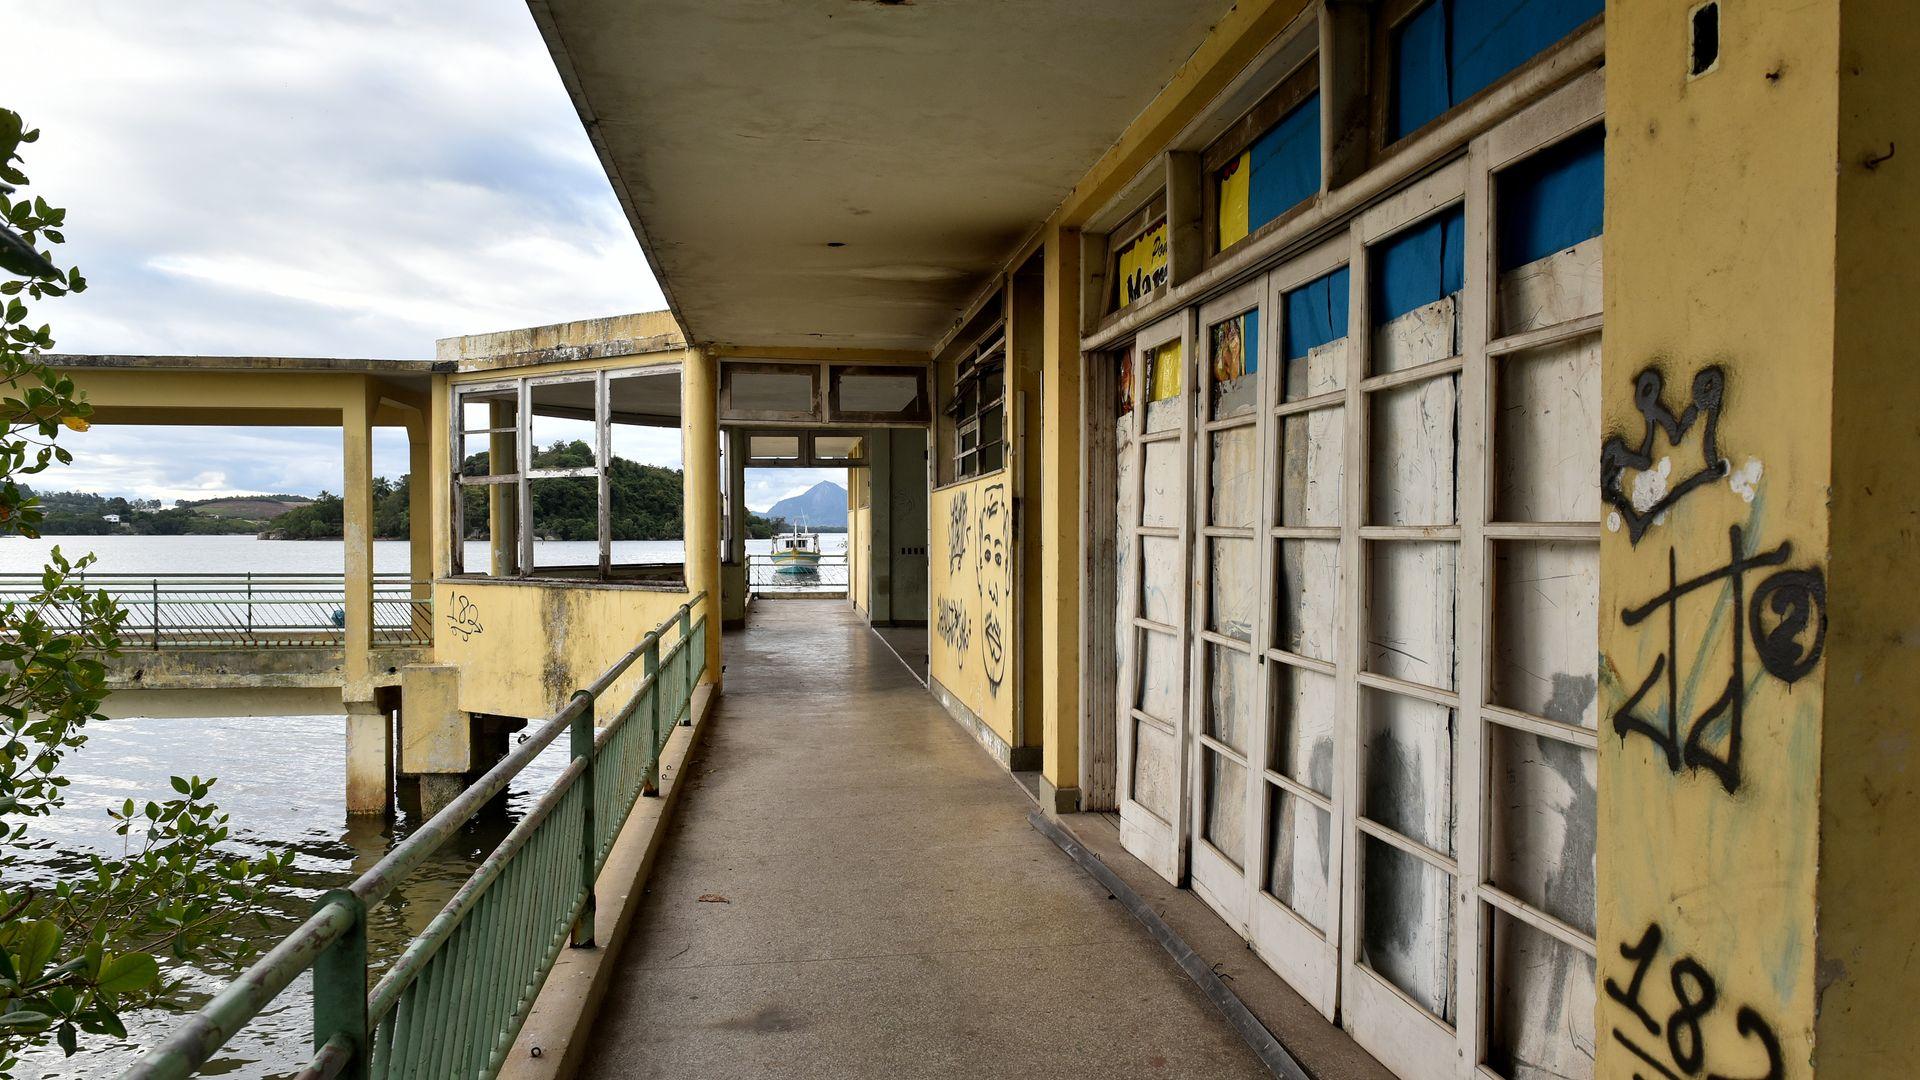 Prédio do Cais do Hidroavião encontra-se abandonado